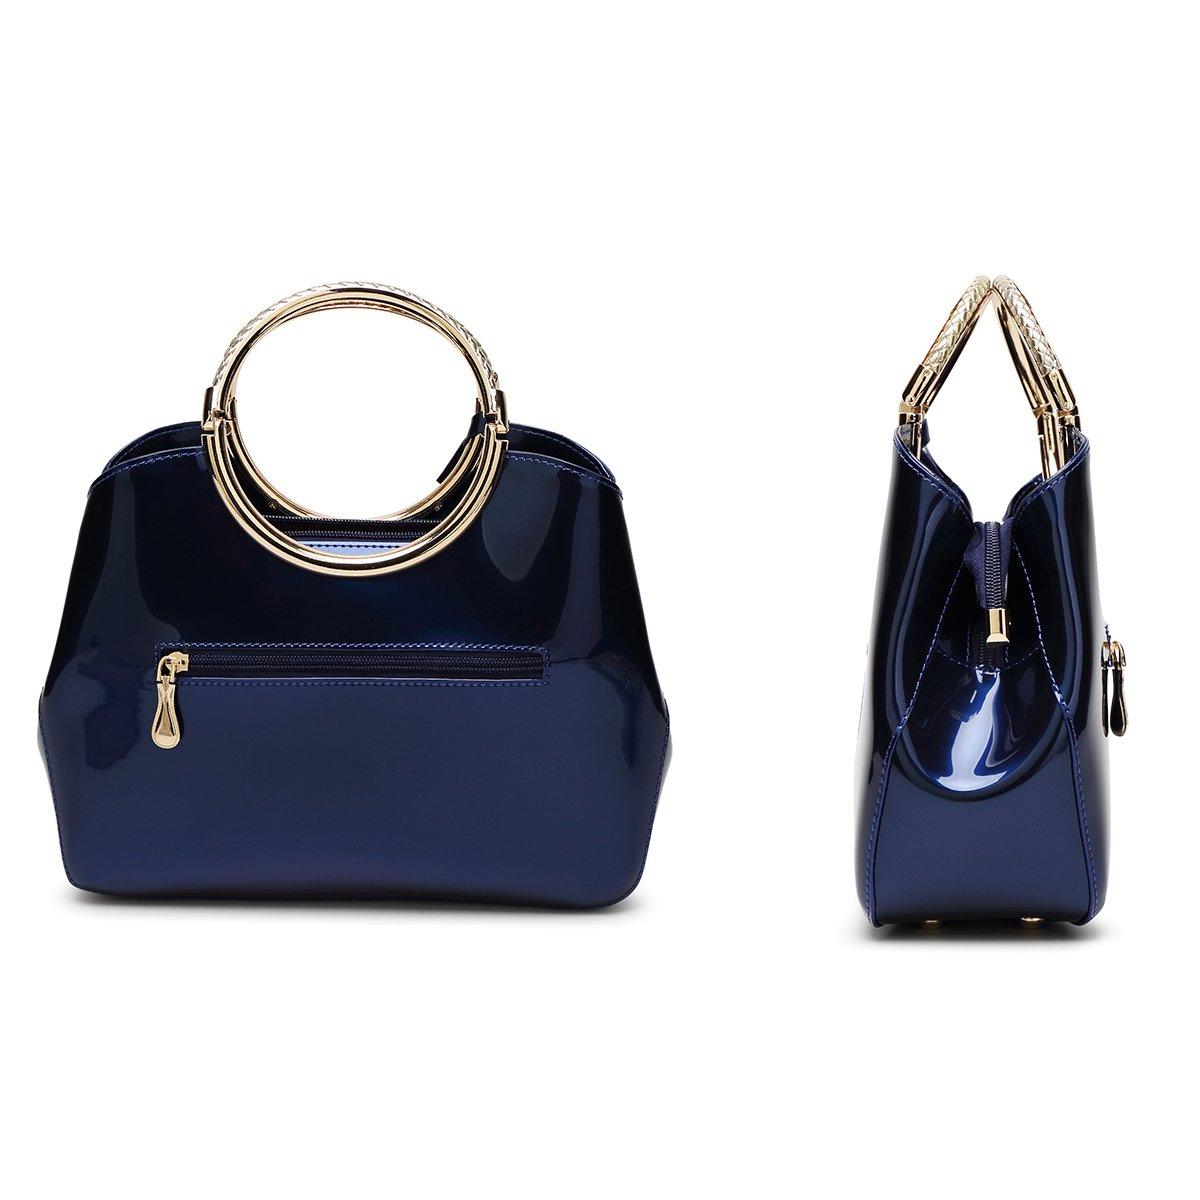 c7f4db8a72c0a Coolives Damen mit Langer Schultergurt PU Lackleder Golden Ring Griff  Handtasche Blau CLuk-1301 größeres Bild